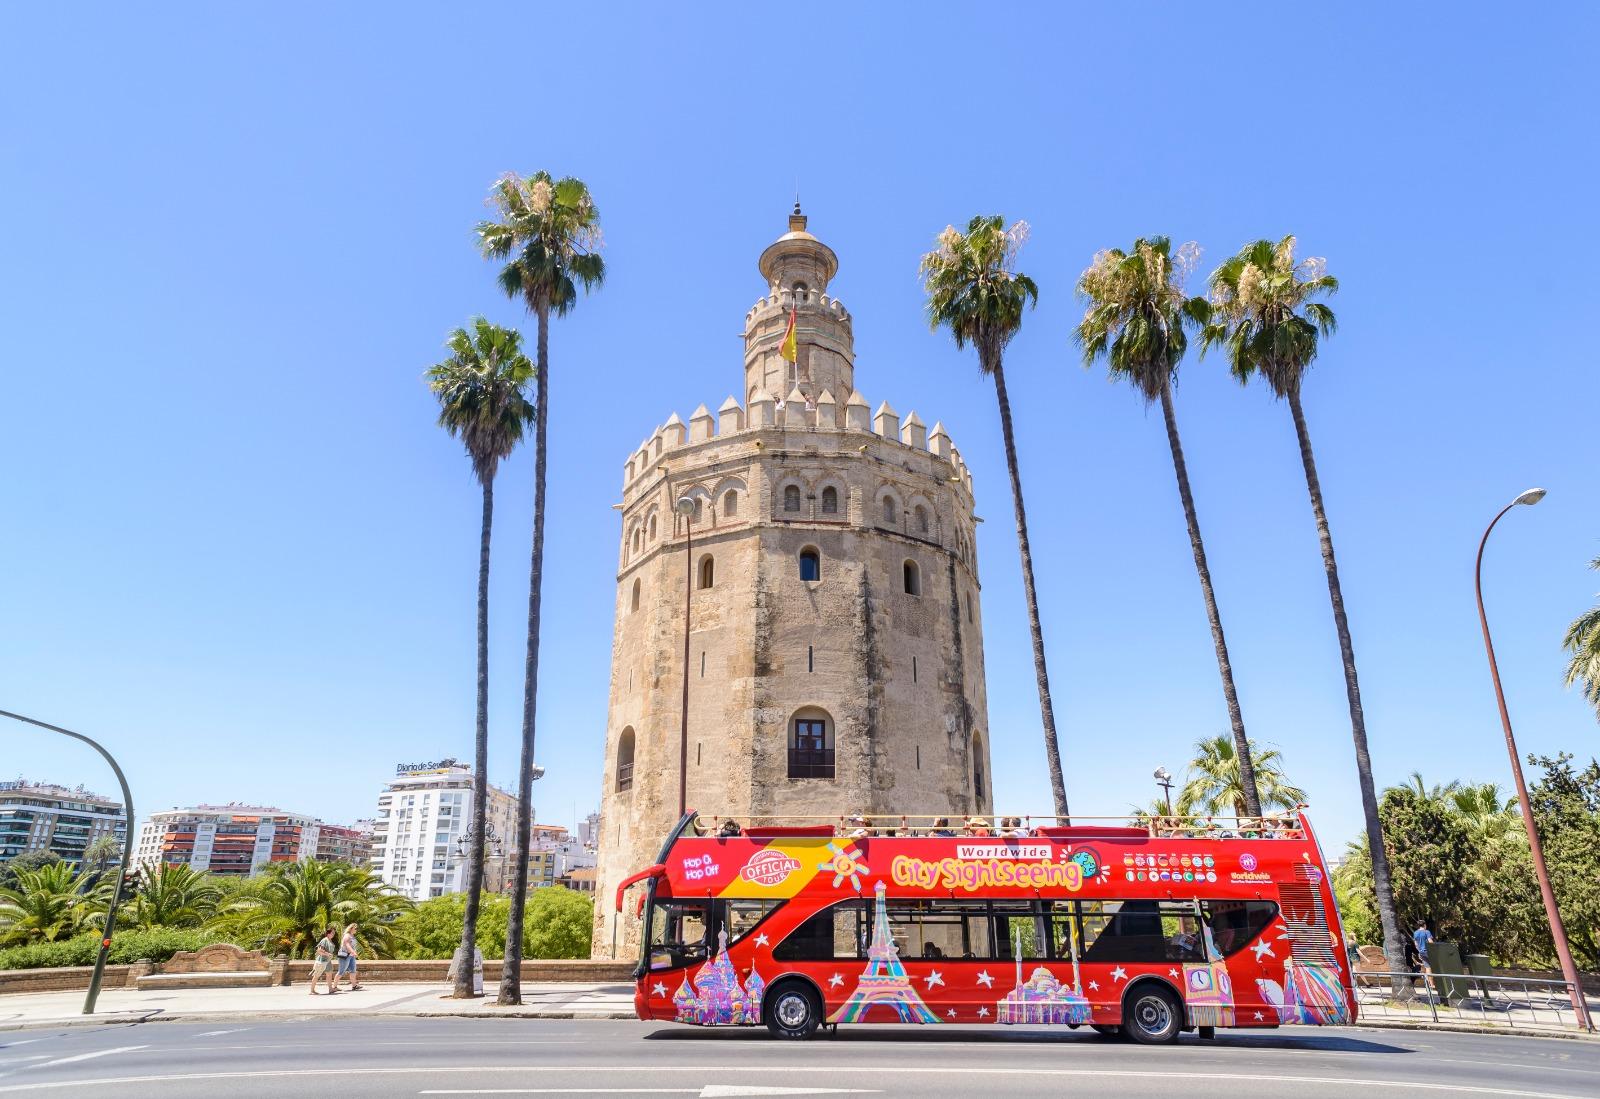 autobus city sightseeing sevilla torre oro